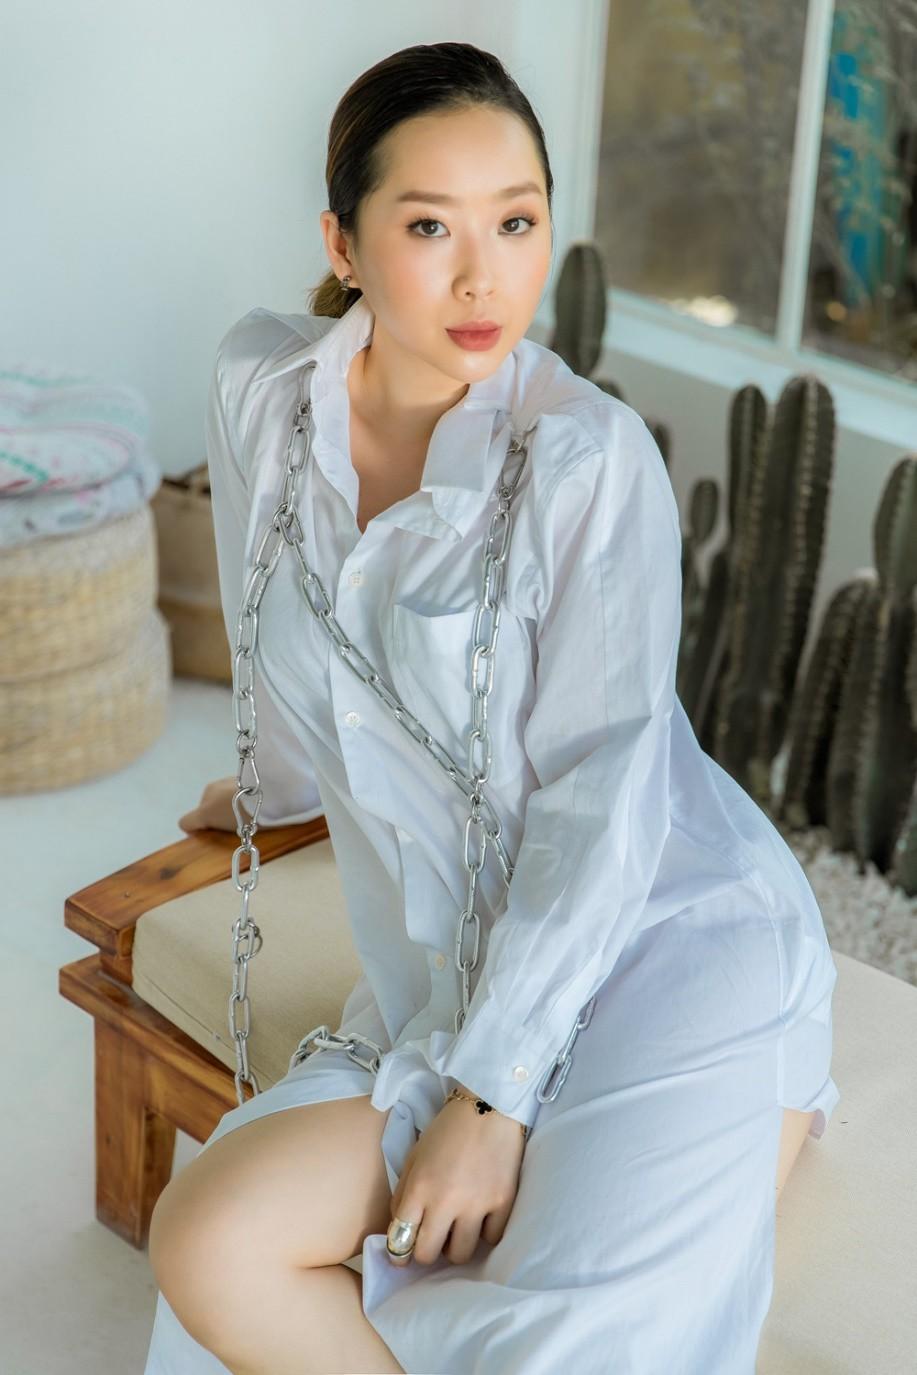 """Gặp gỡ cô nàng du học sinh """"mặc chất"""" như fashionista khiến NTK Văn Thành Công xao xuyến - Ảnh 10."""